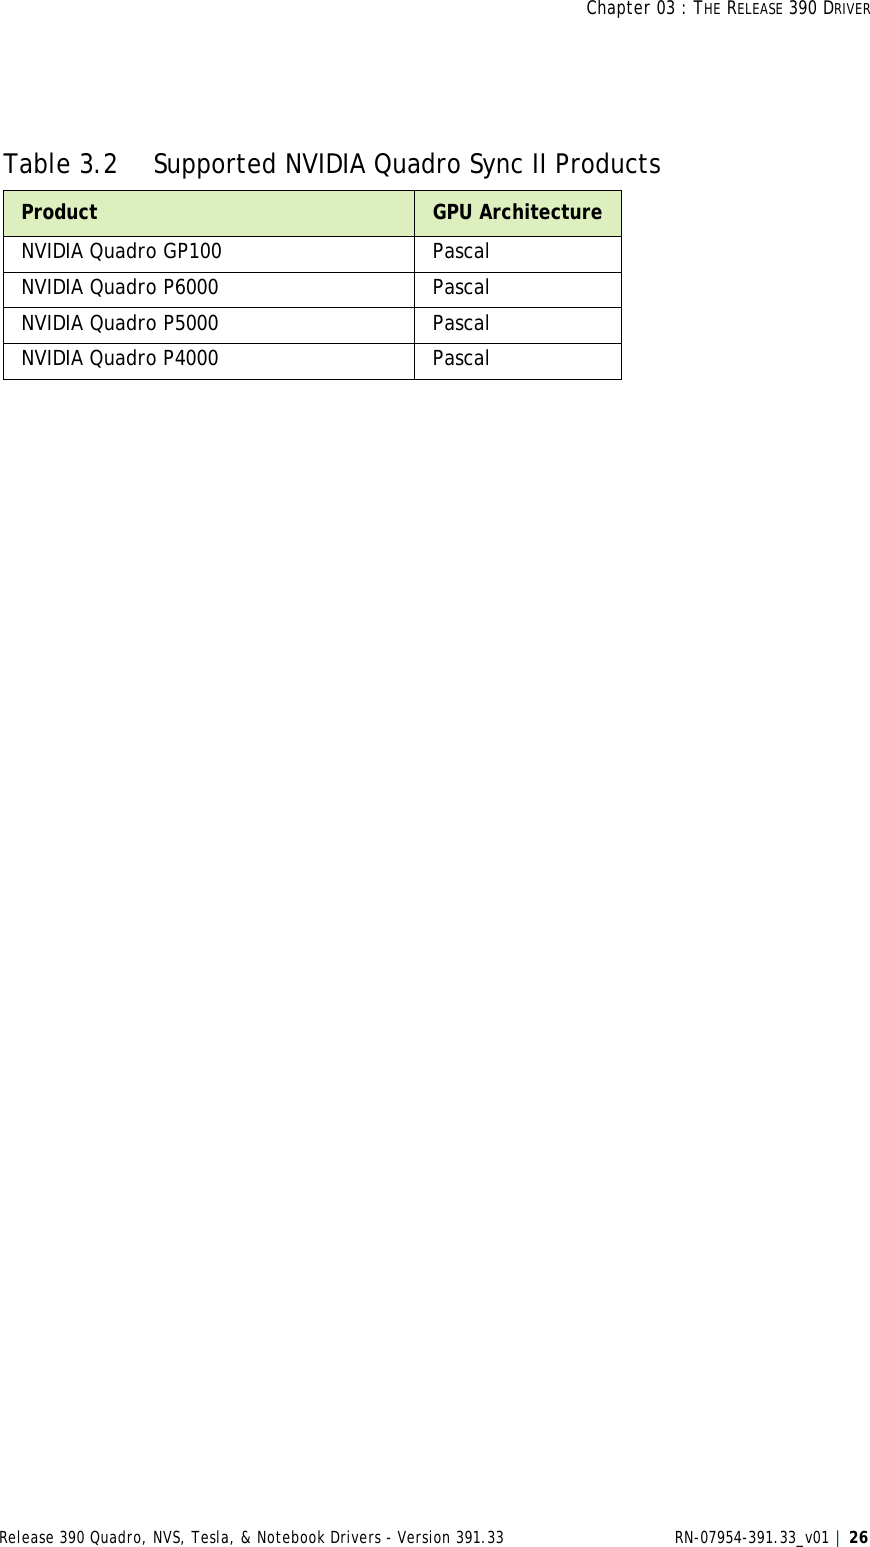 BkNVR390Quadro_Vista QUADRO Win10 win8 win7 Release notes 391 33